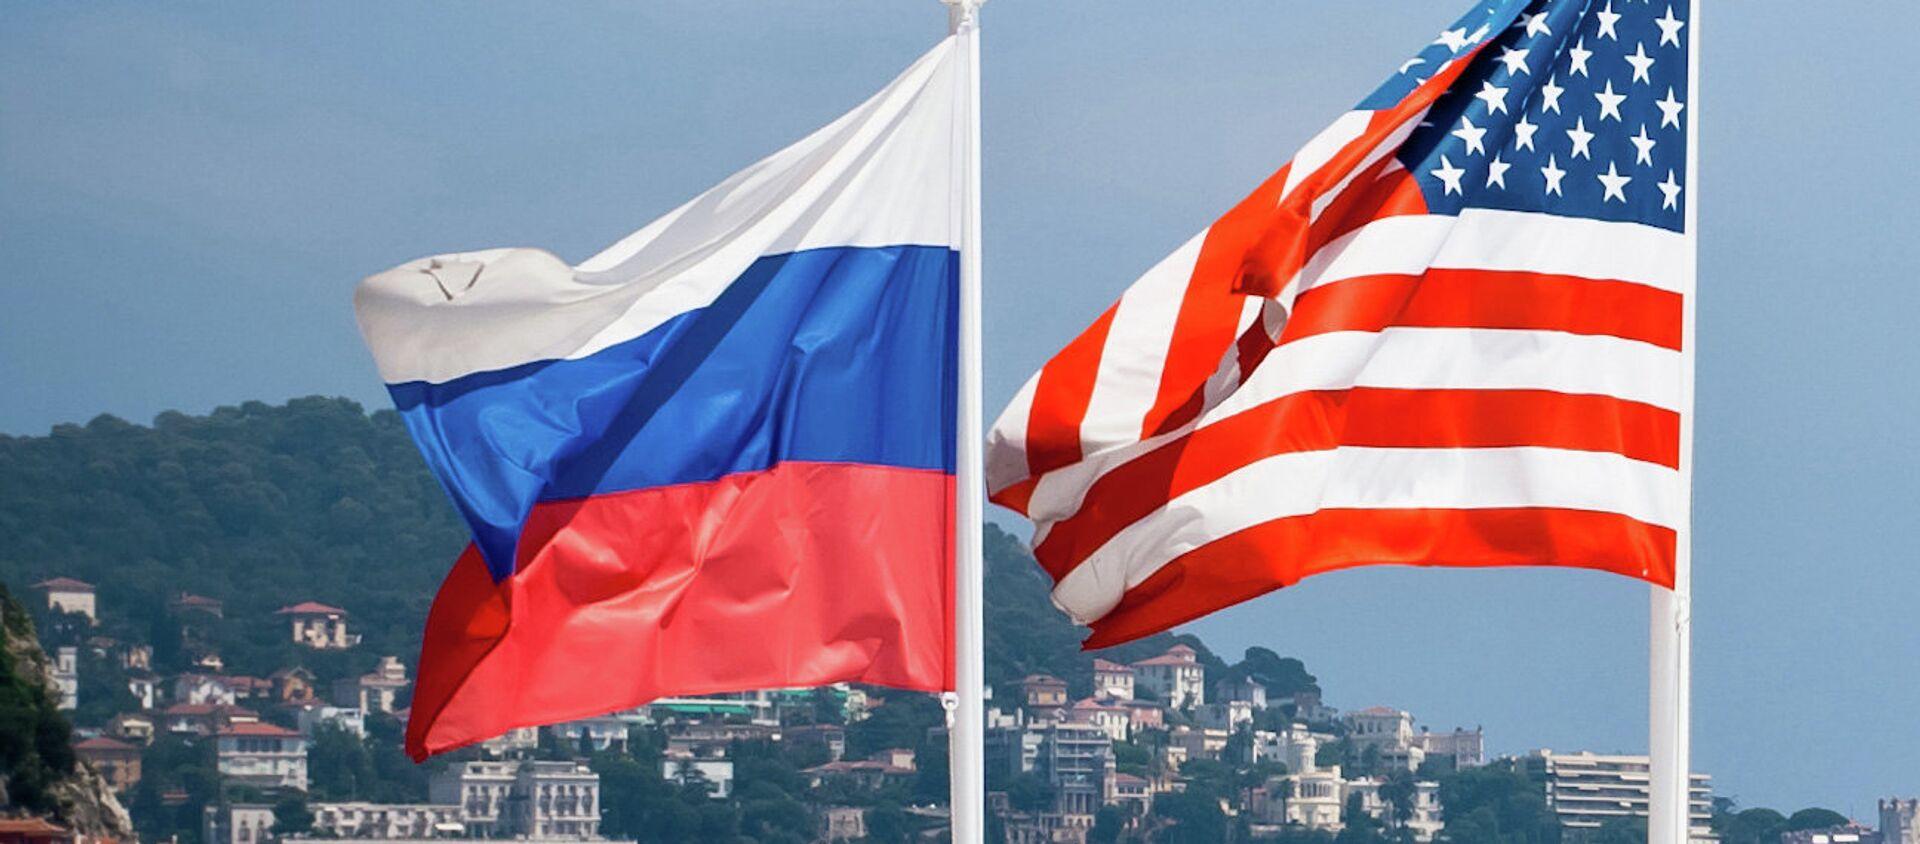 ロシアと米国の旗 - Sputnik 日本, 1920, 15.04.2021